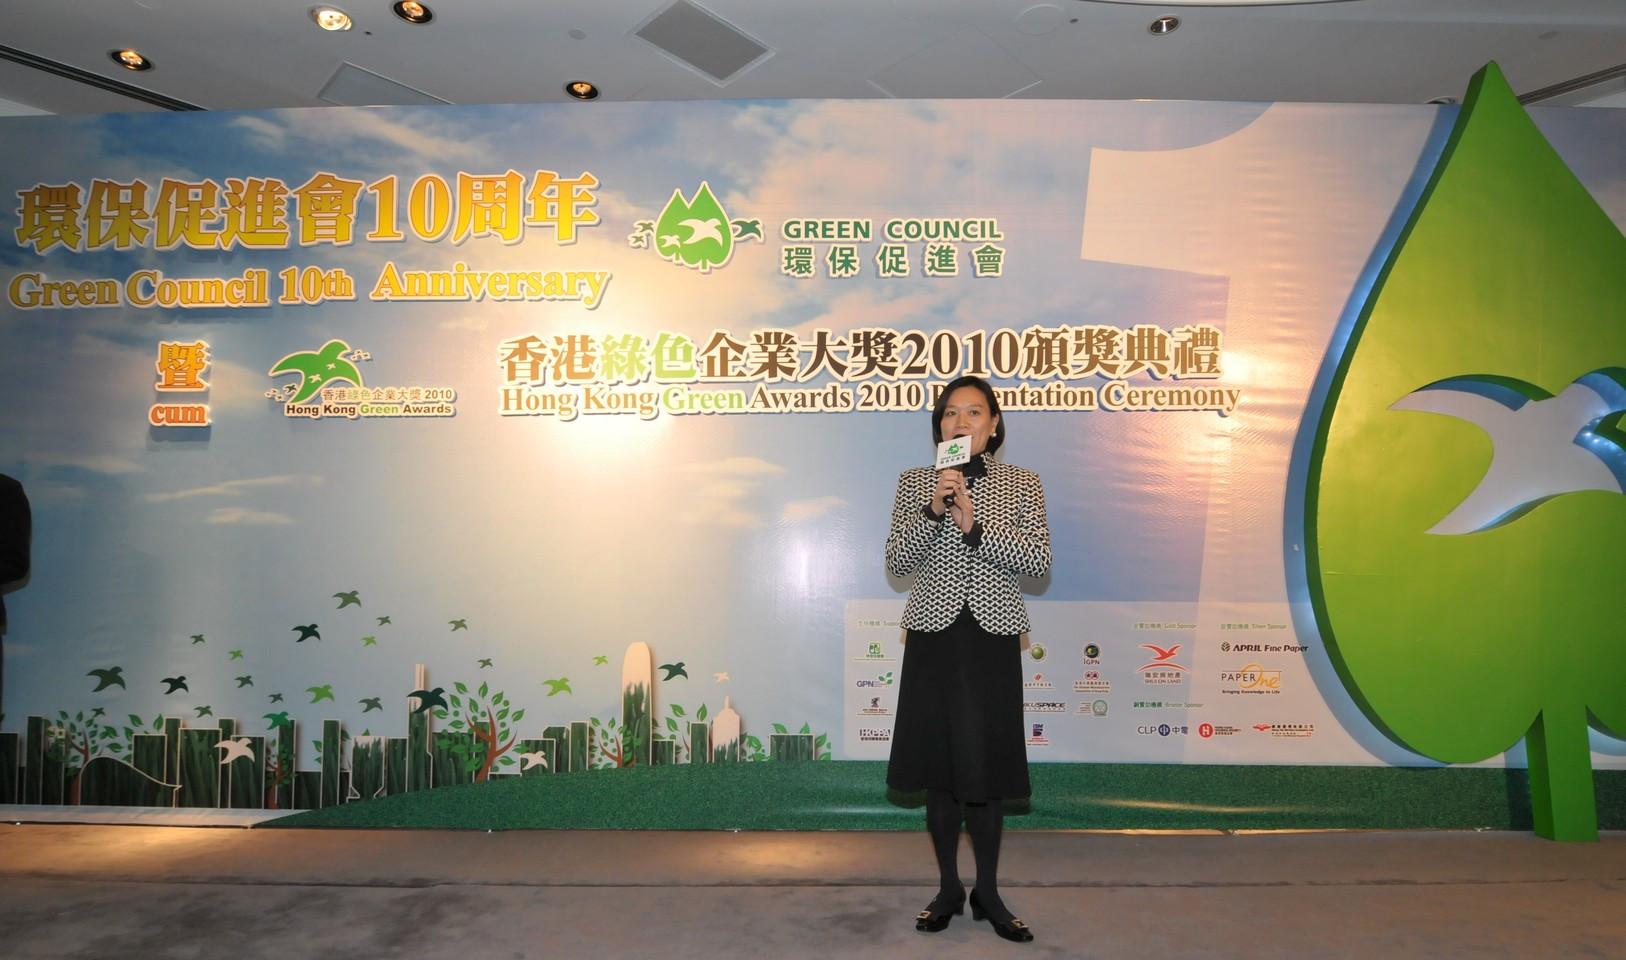 HKGA201004.jpg